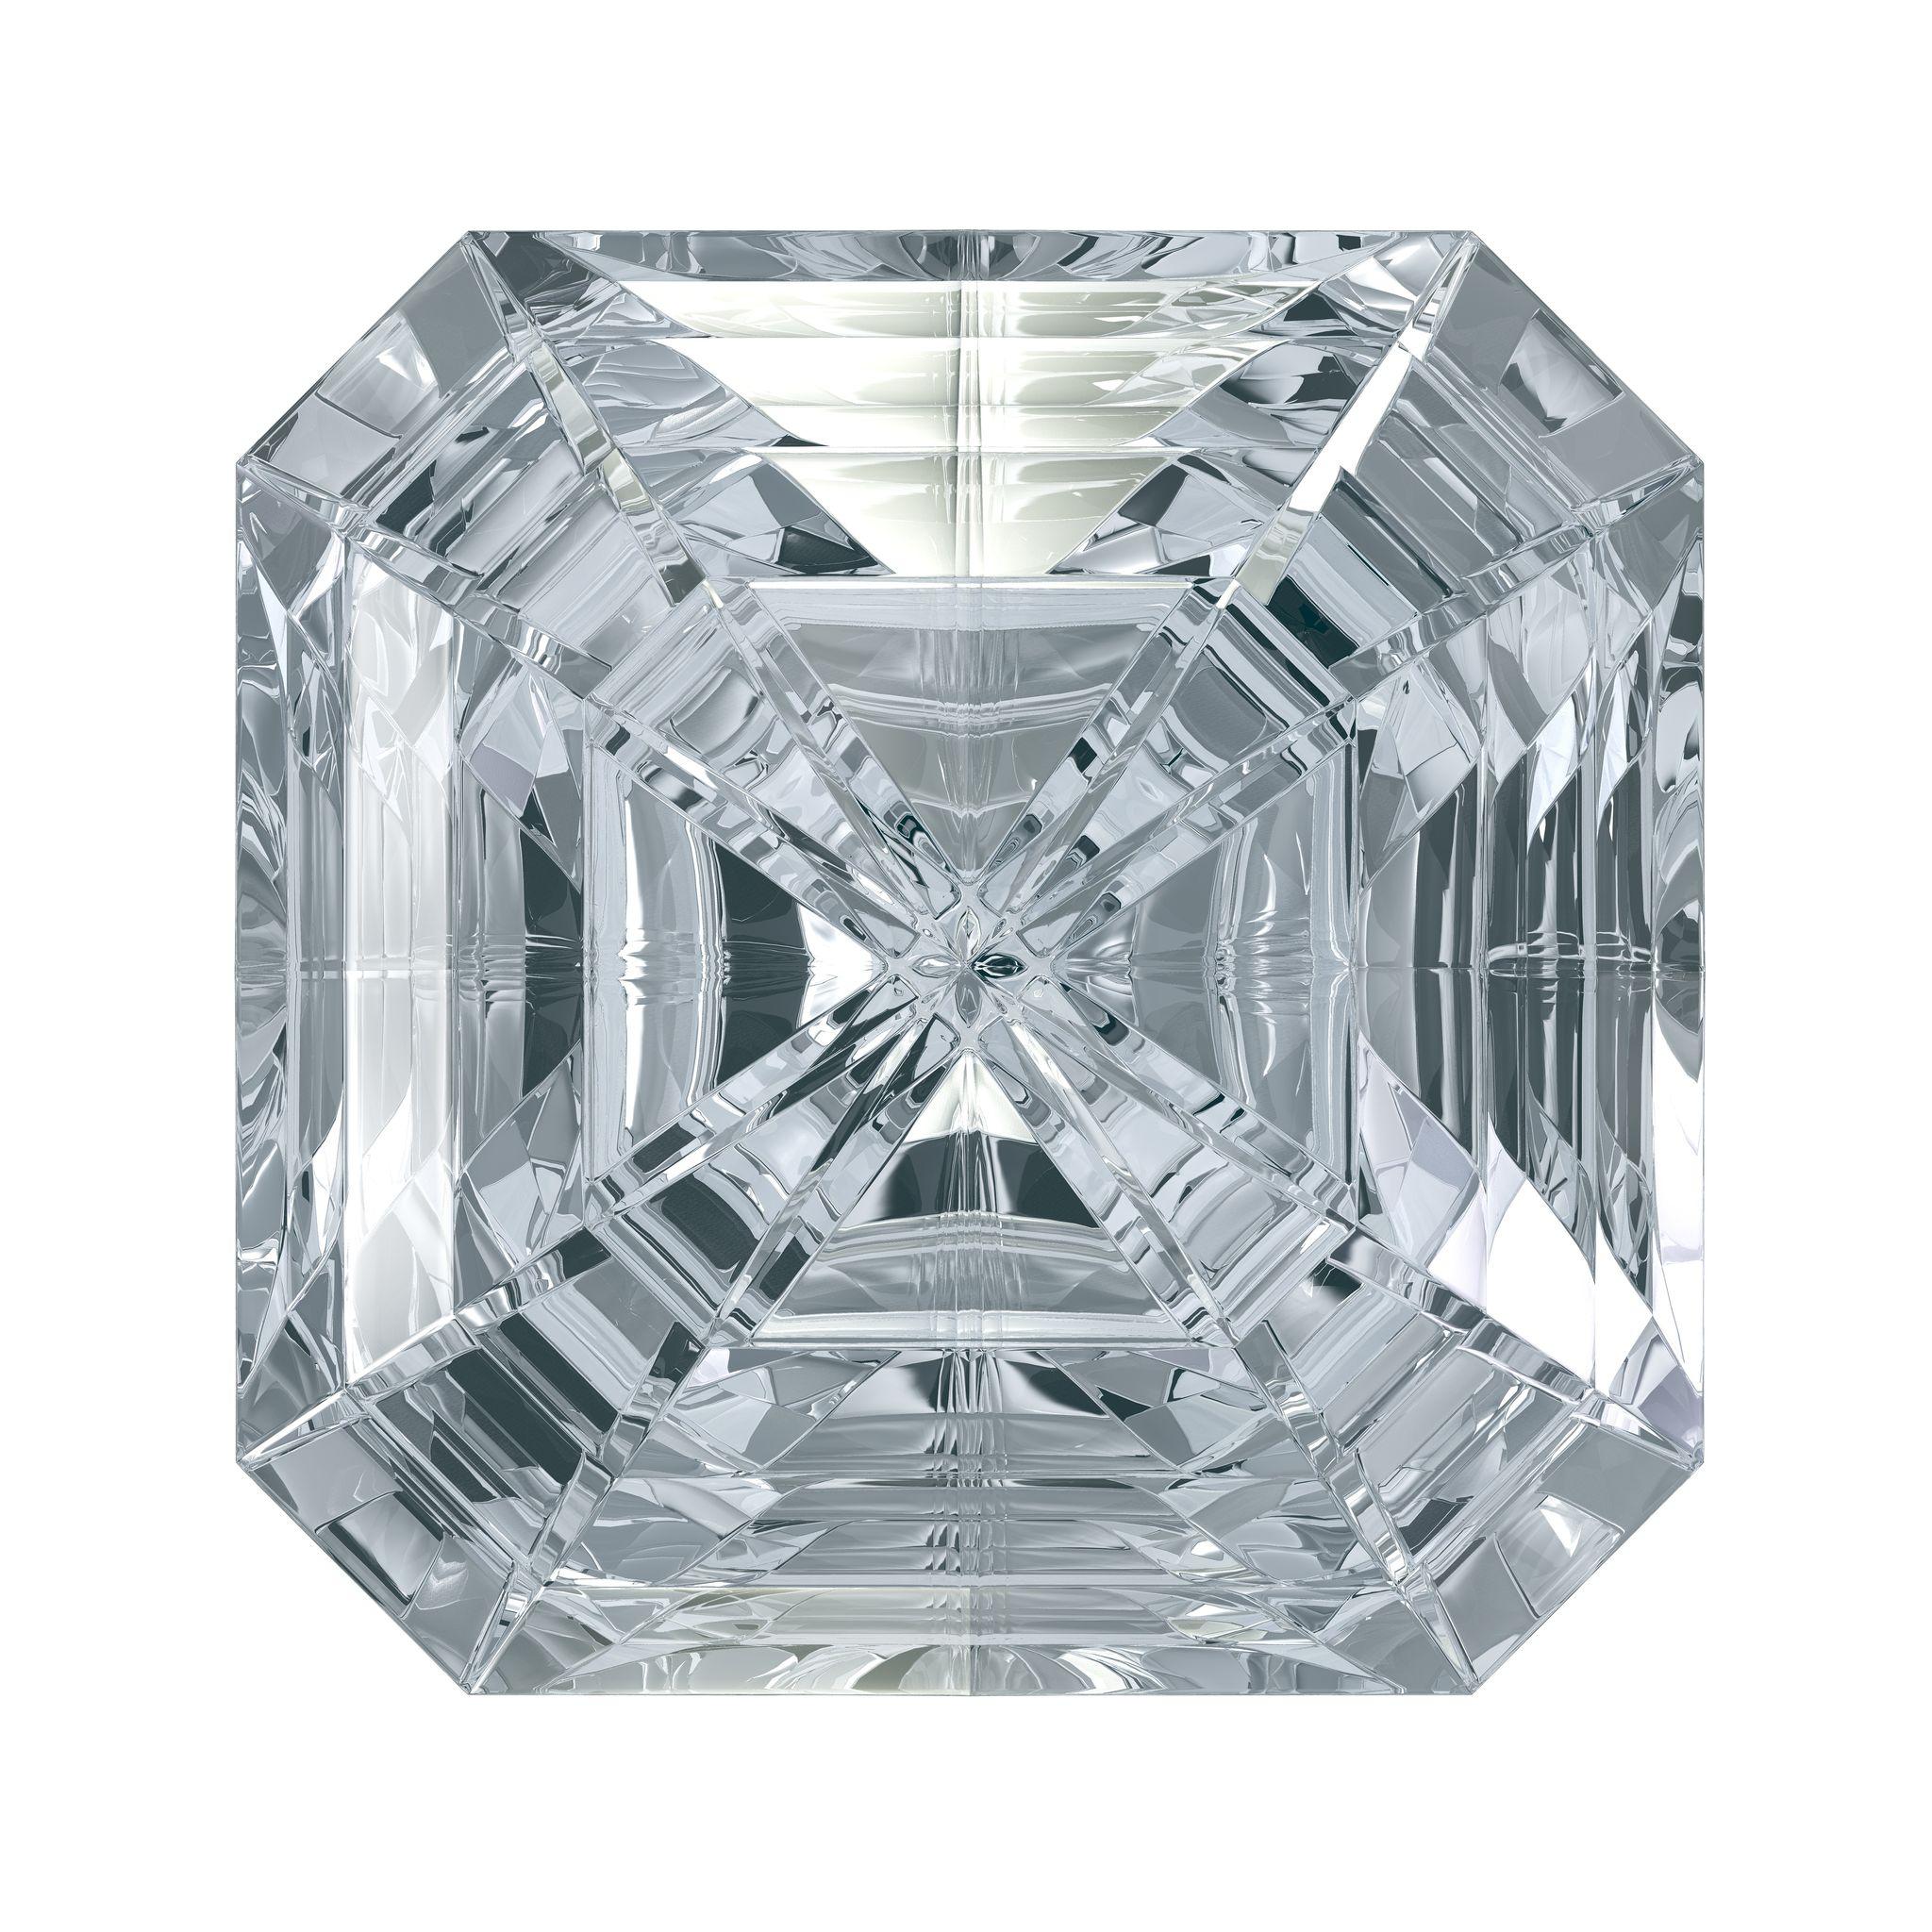 Unique Diamond Shapes